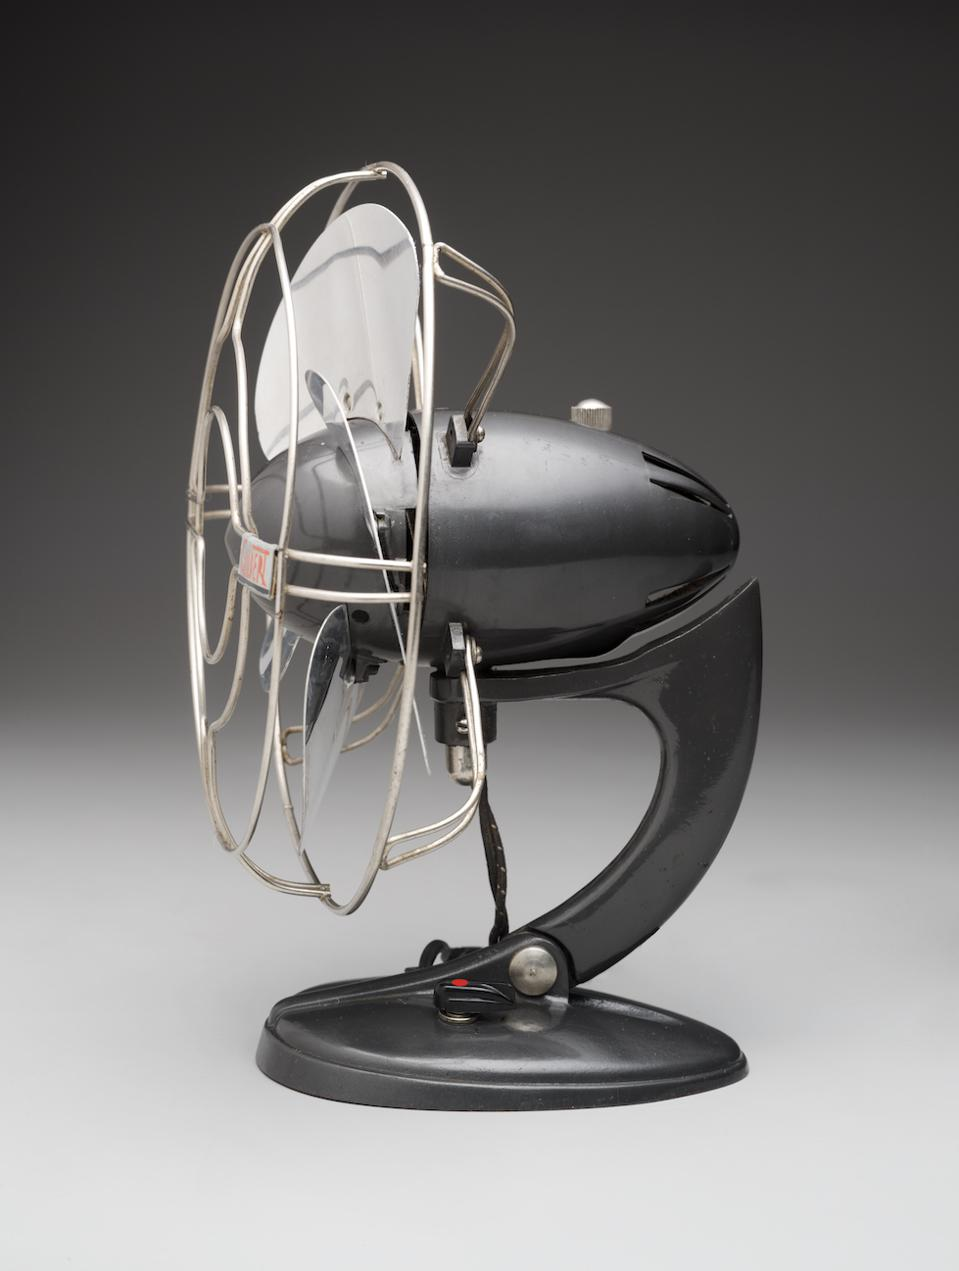 A.C. Gilbert Co. 'Airflow' Table Fan, 1937